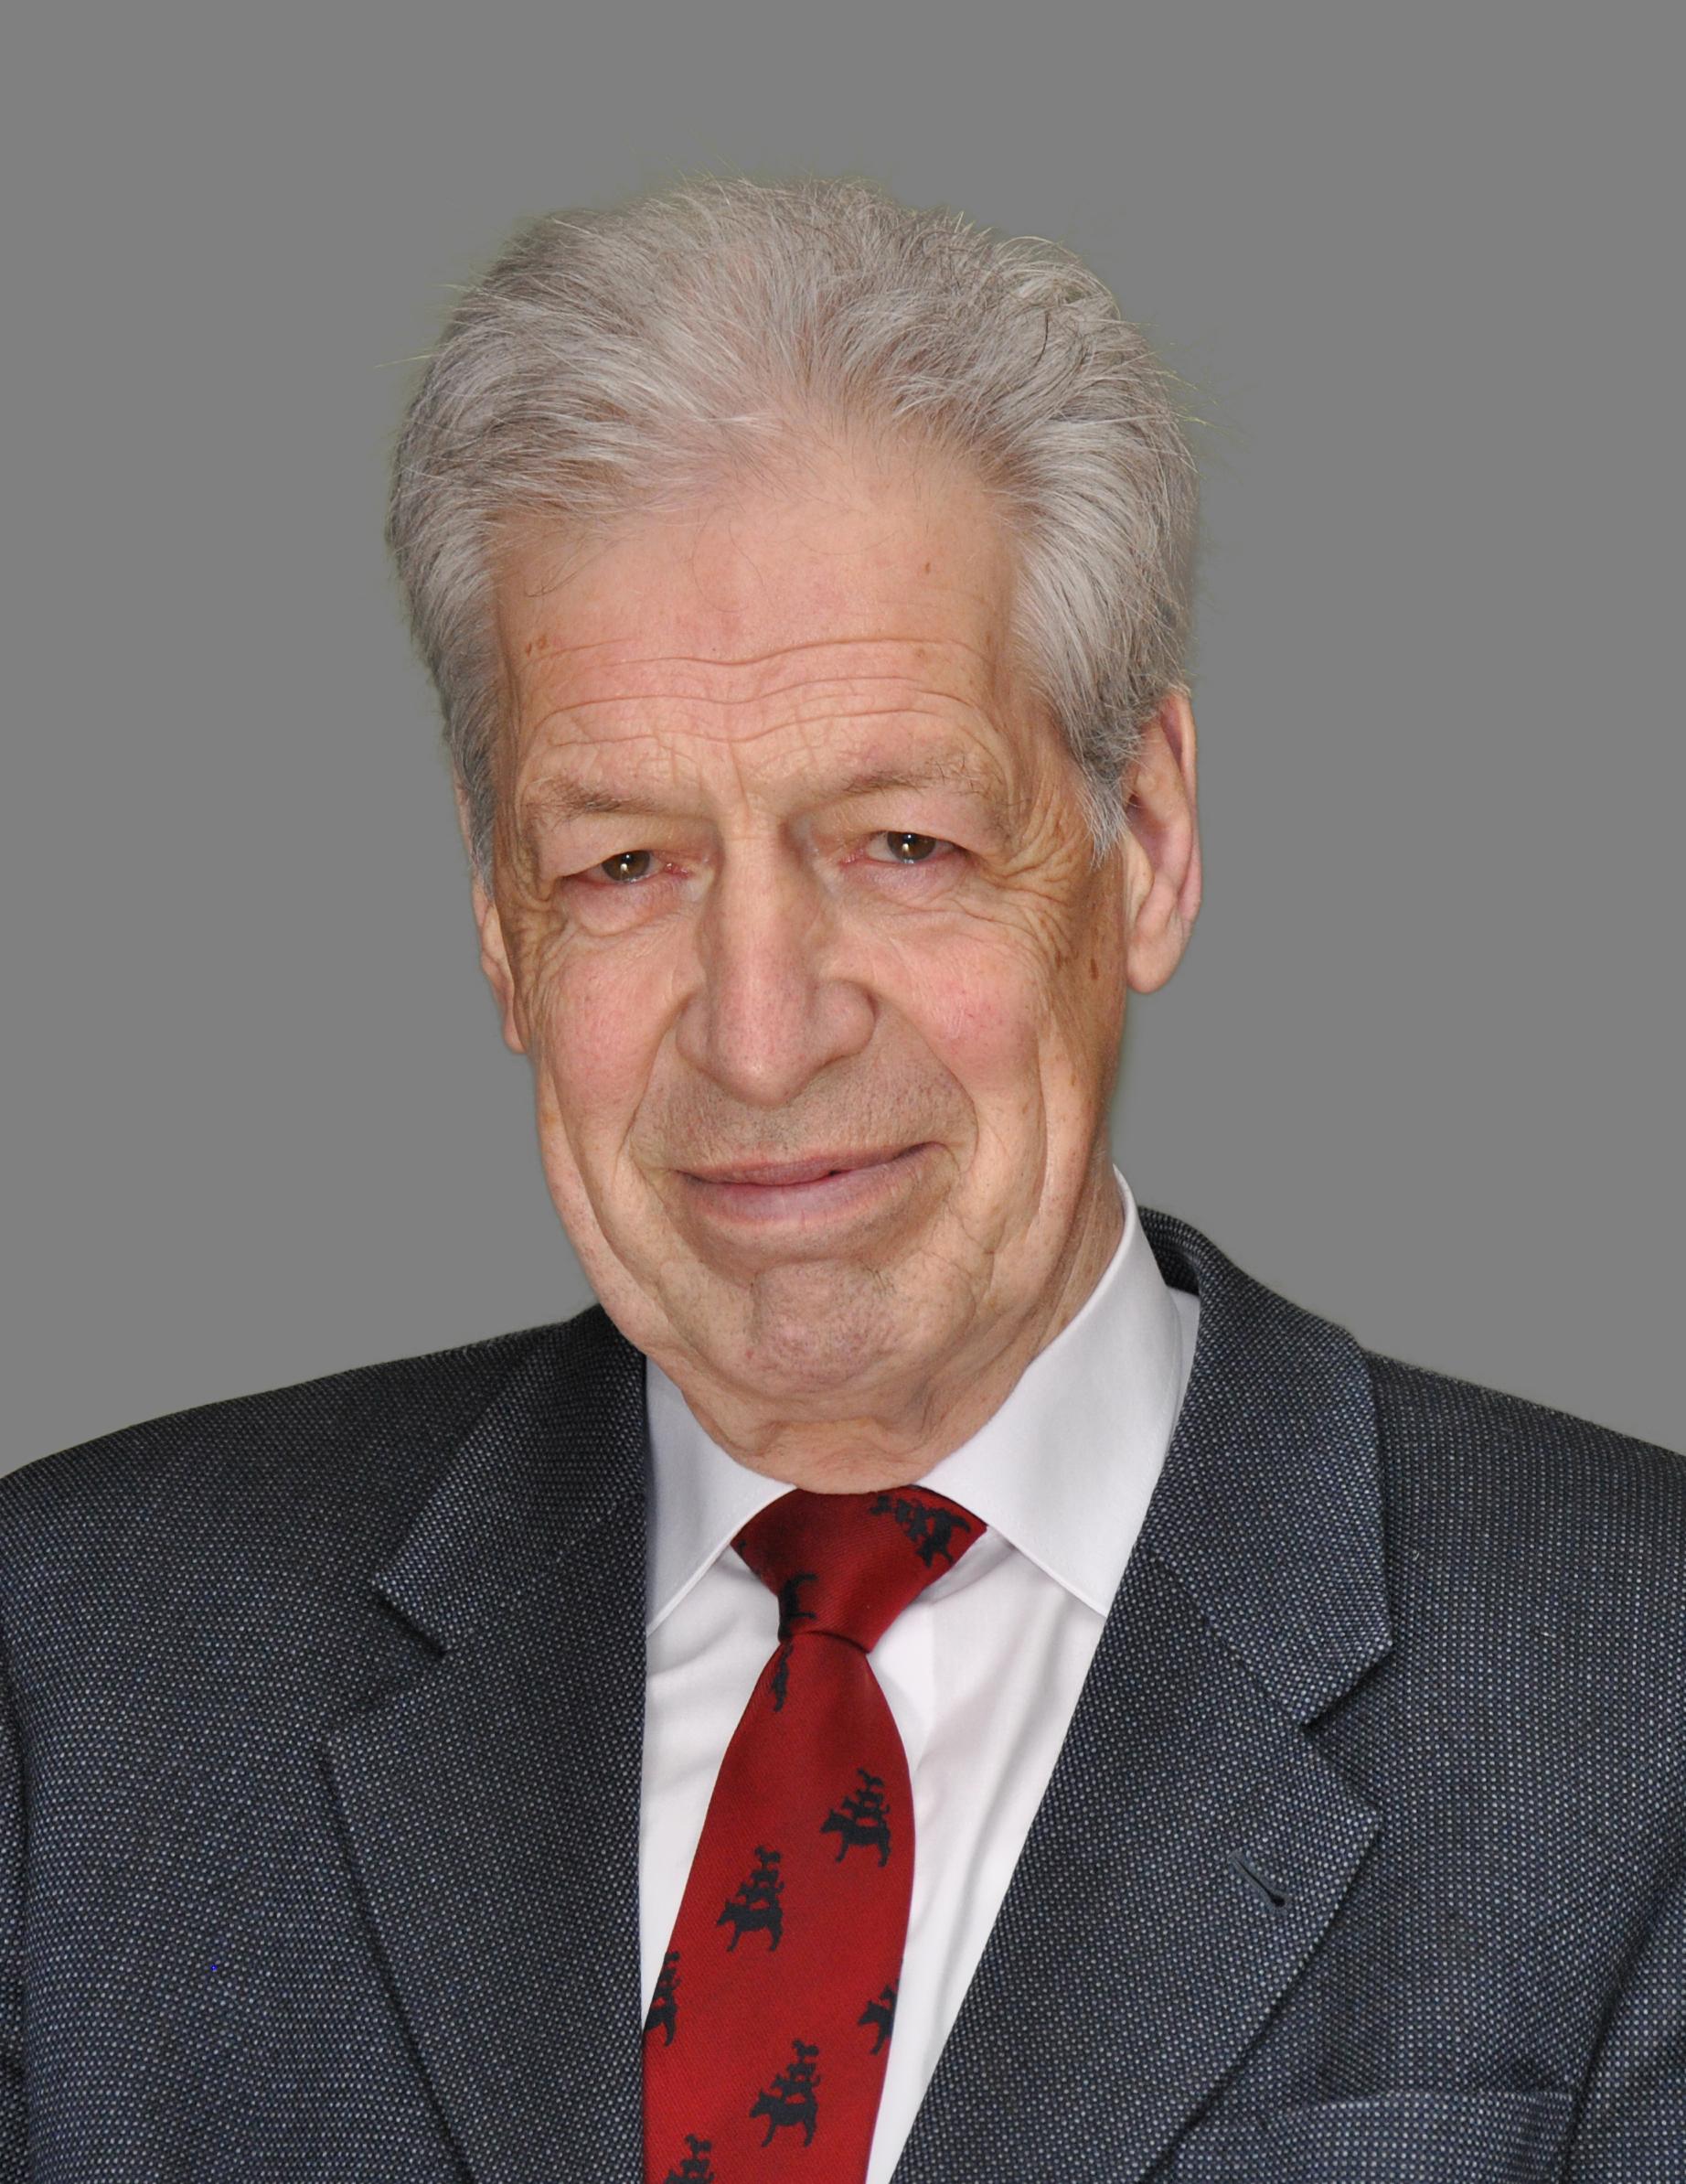 Dr. Henning Scherf (© Senatspressestelle